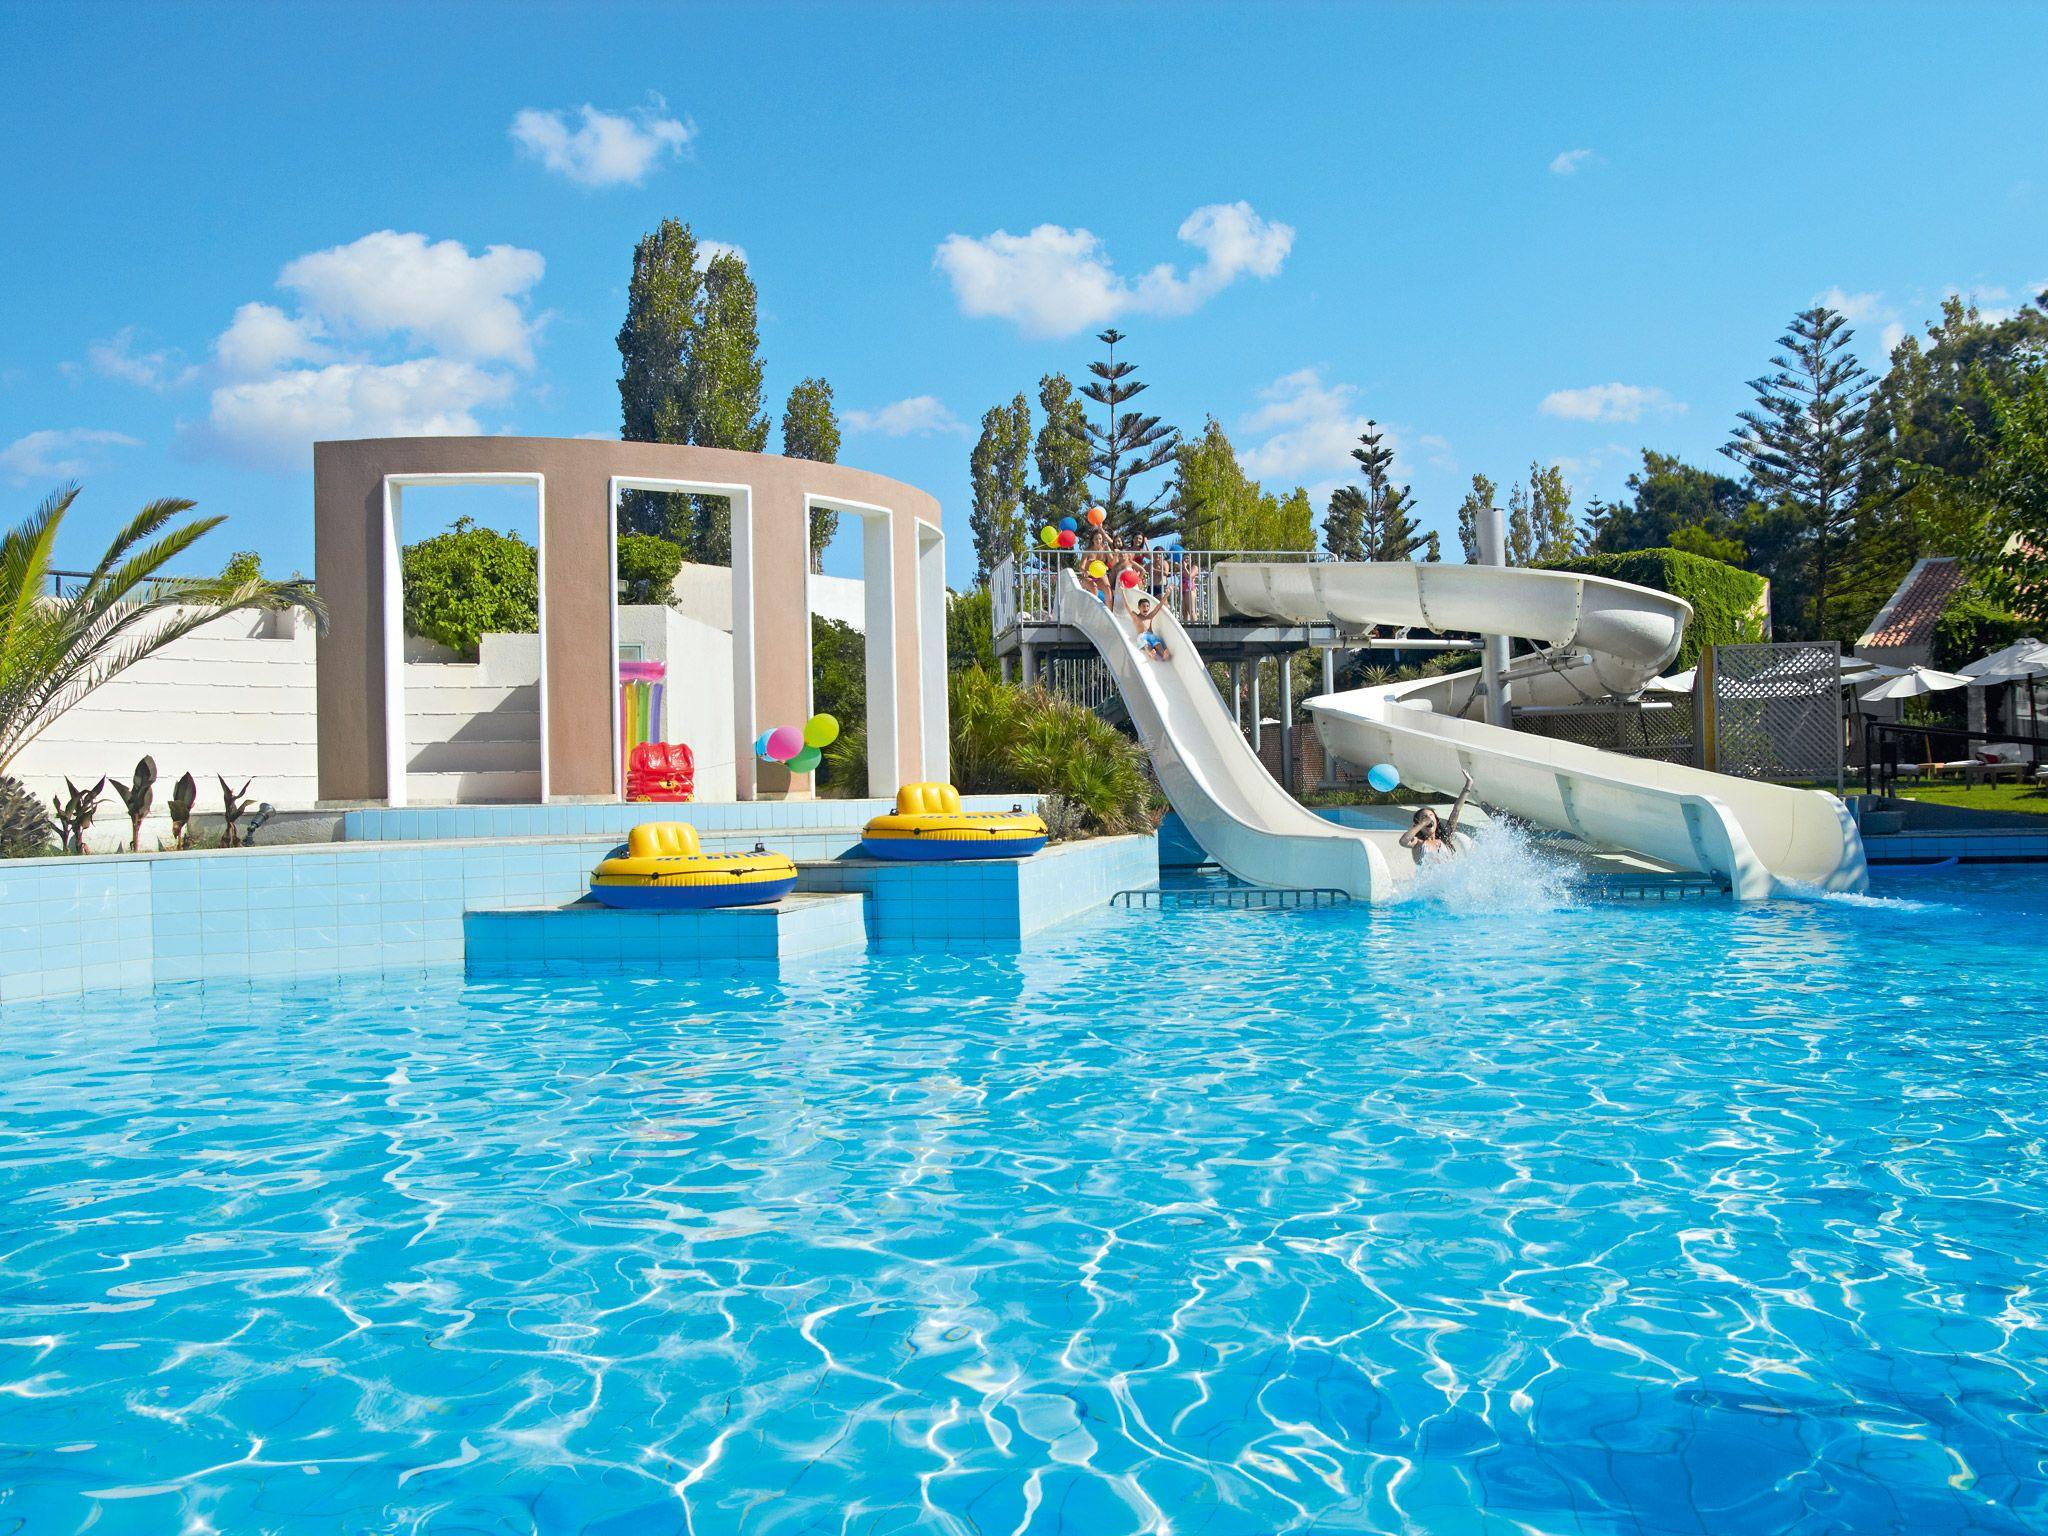 Creta Palace Family Pool With Waterslides Luxuryresorts Luxuryhotels